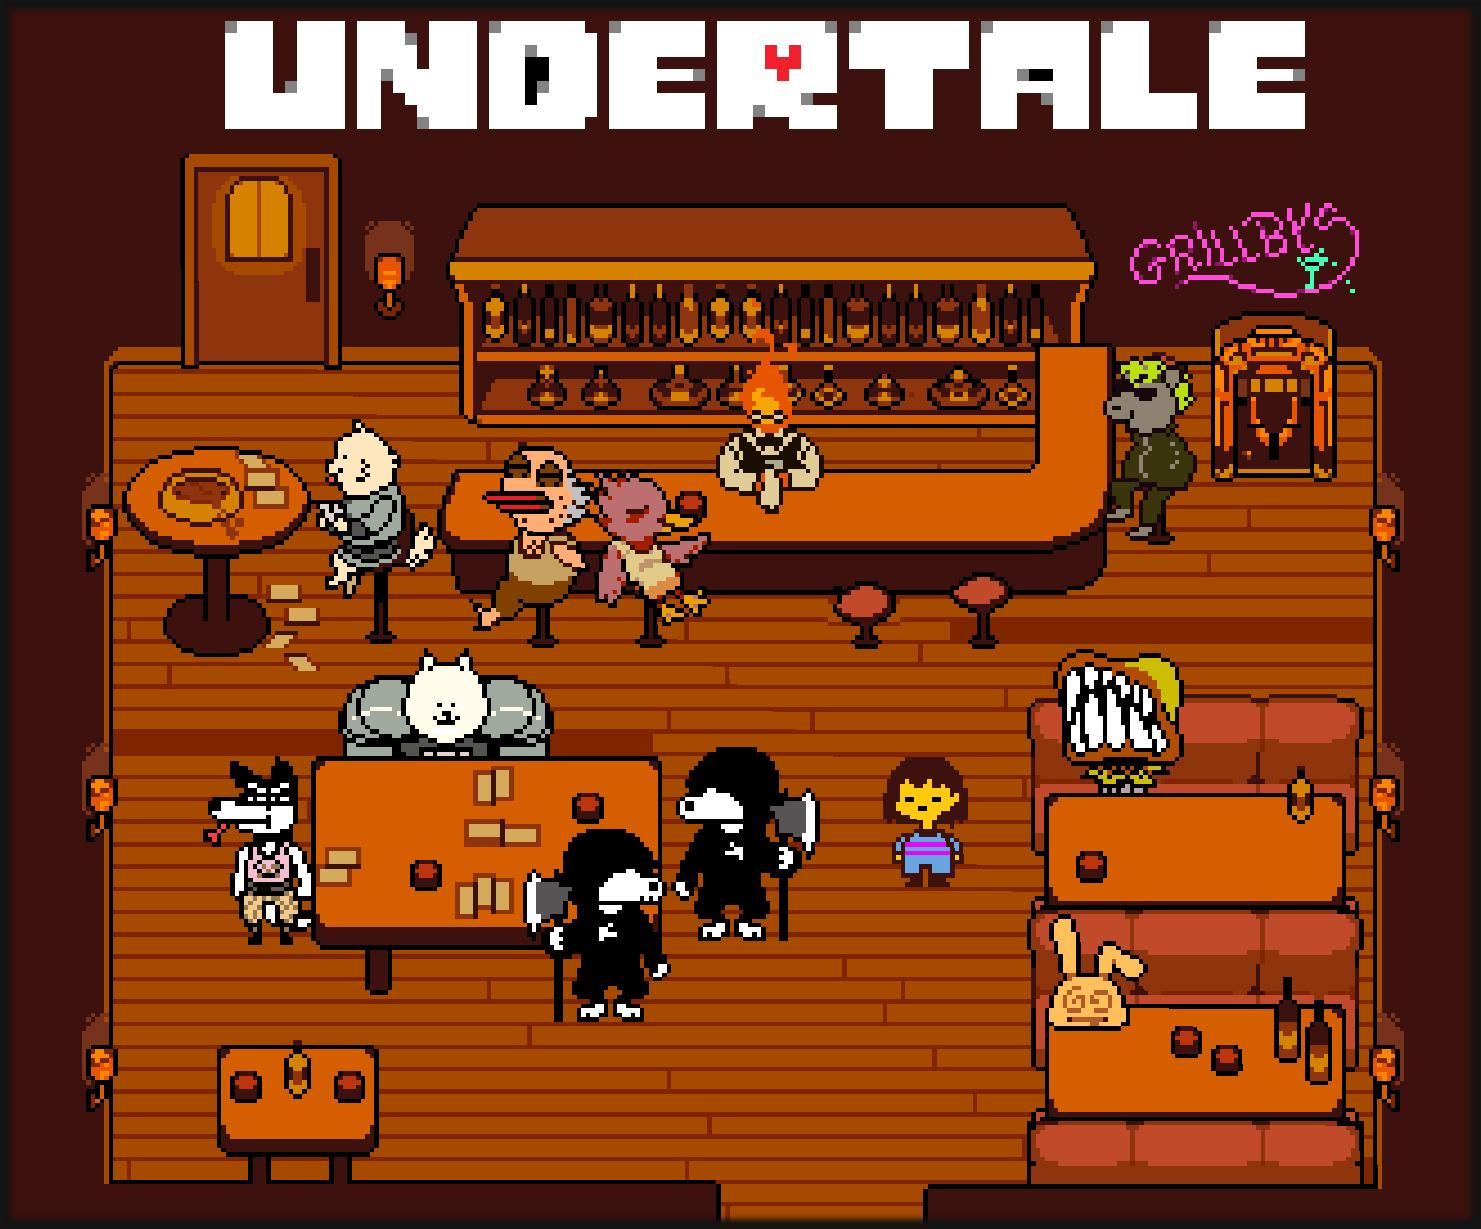 Review zu Undertale, einem der kreativsten Indie-RPGs das ich kenne. Ist für Fans des Genres auf jeden Fall einen Blick wert - http://www.jack-reviews.com/2015/09/undertale-review.html